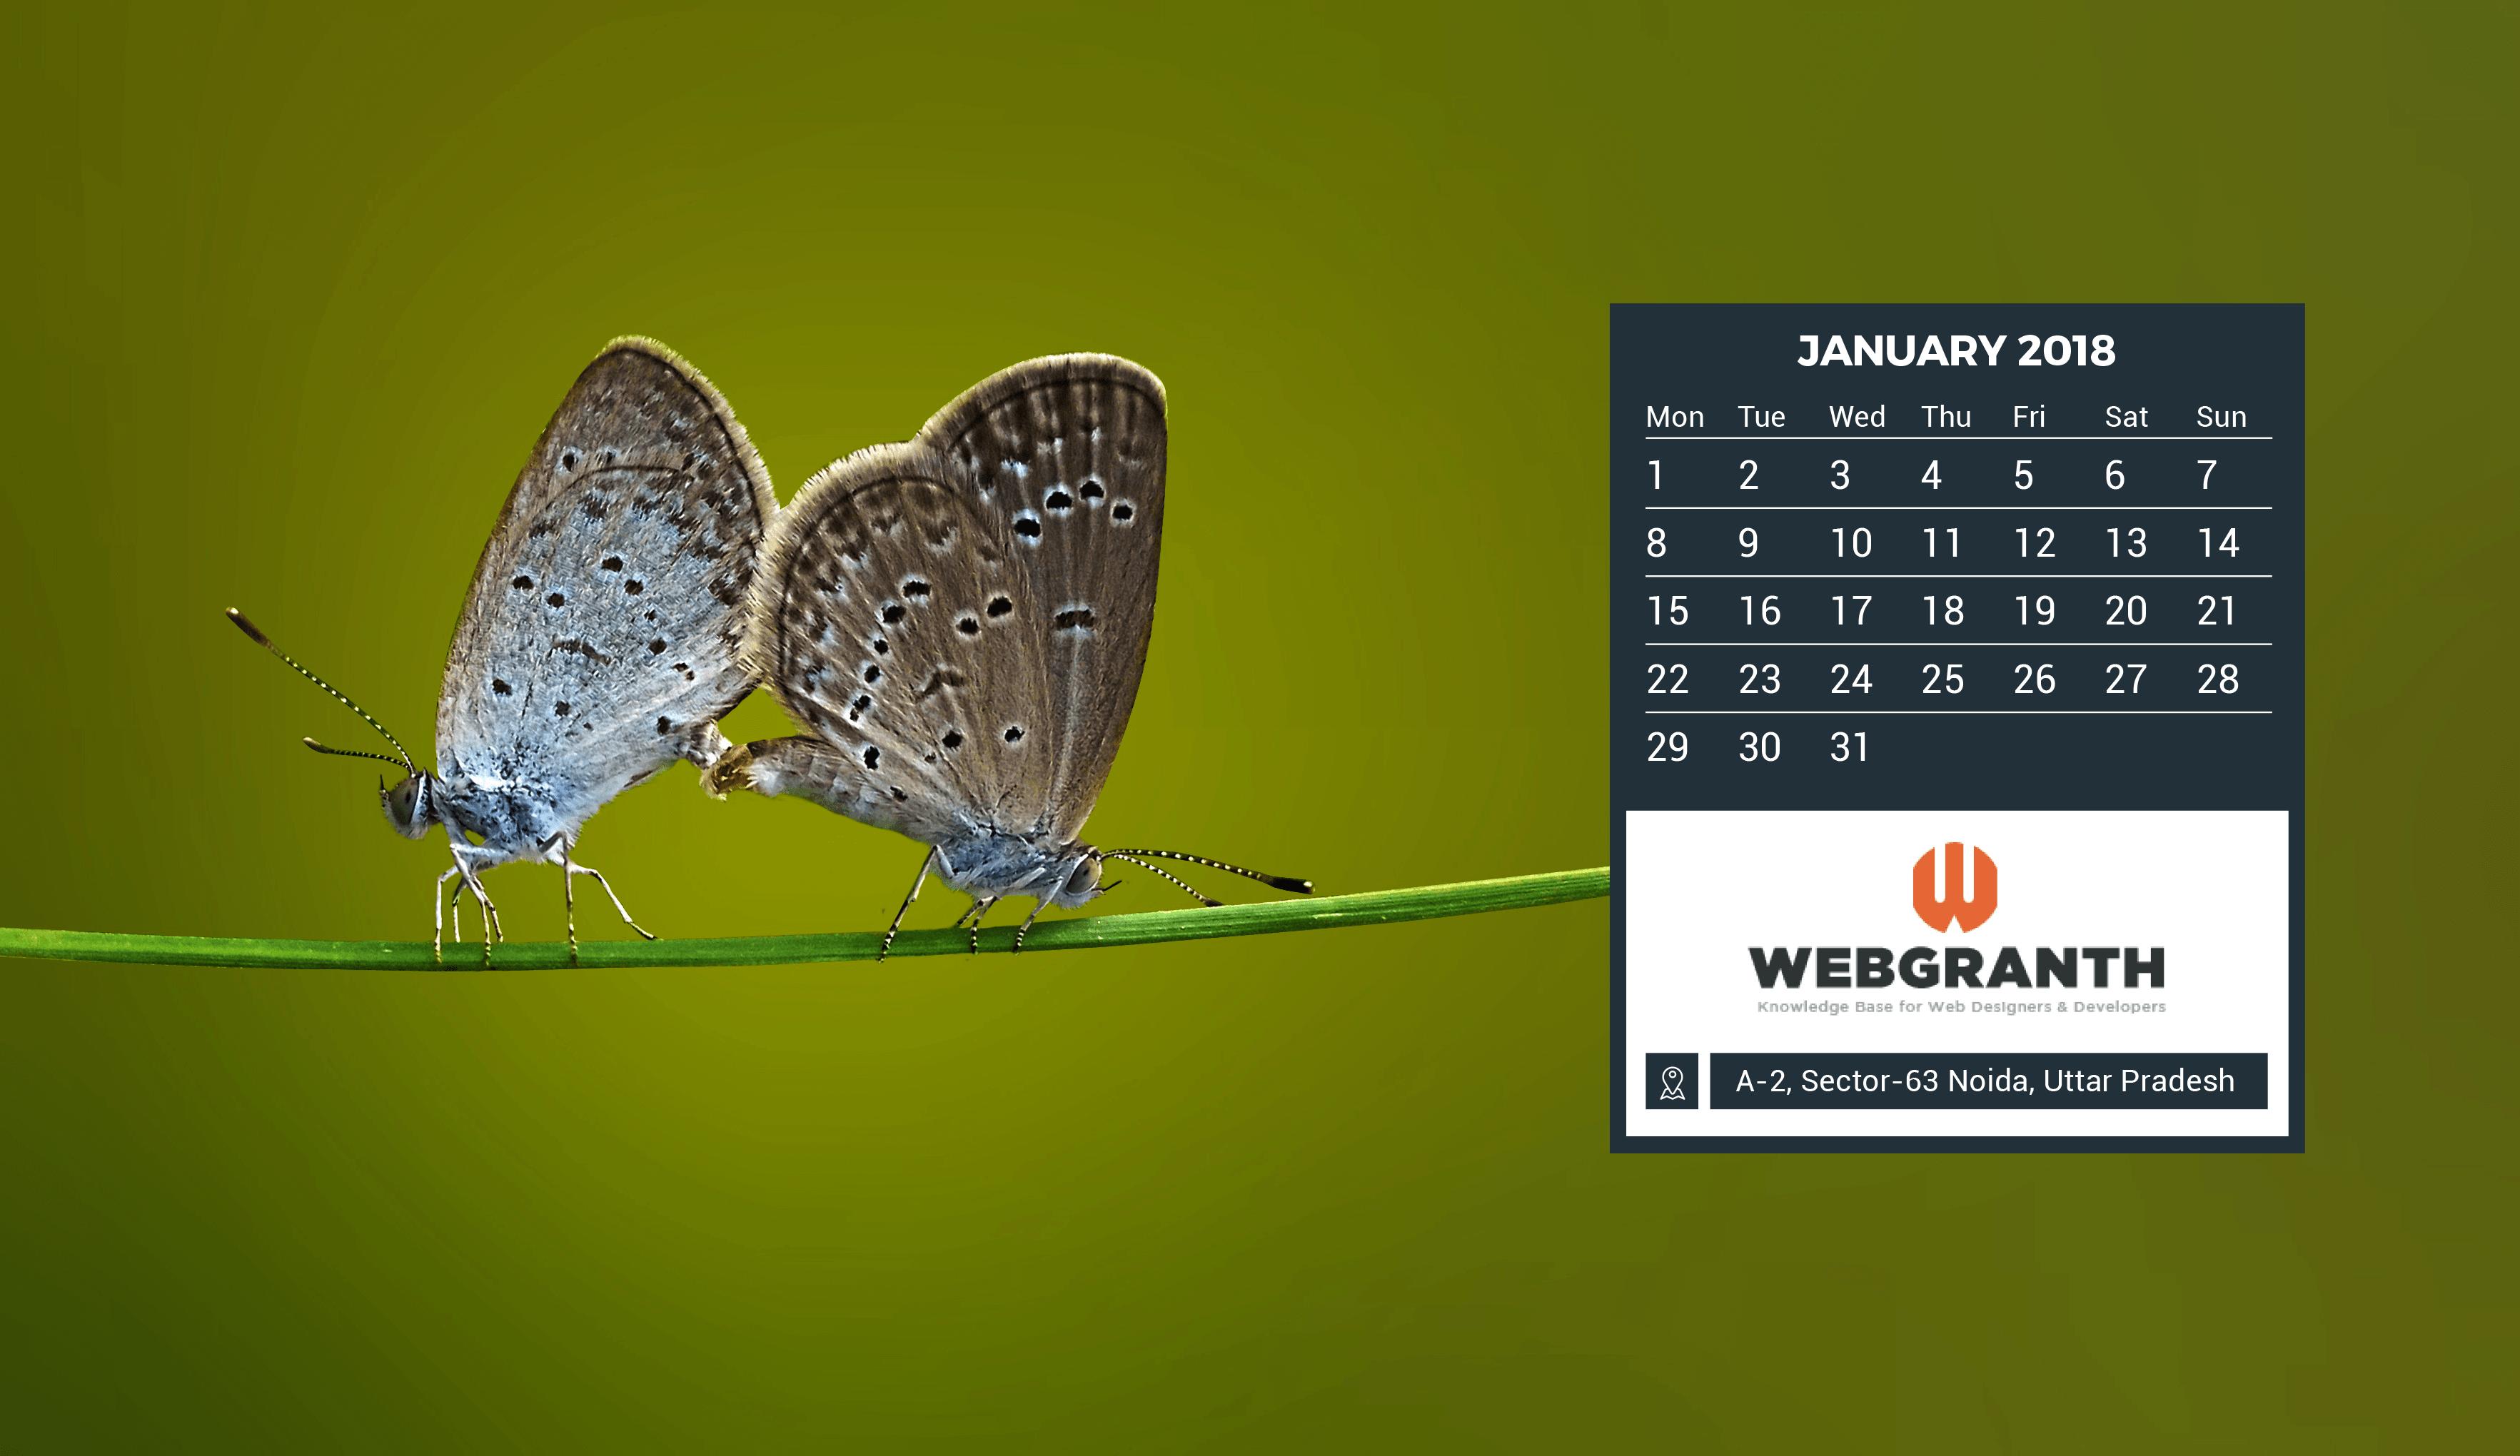 Wallpaper Calendar 2018 Download 2018 Calendar Wallpaper 3530x2040